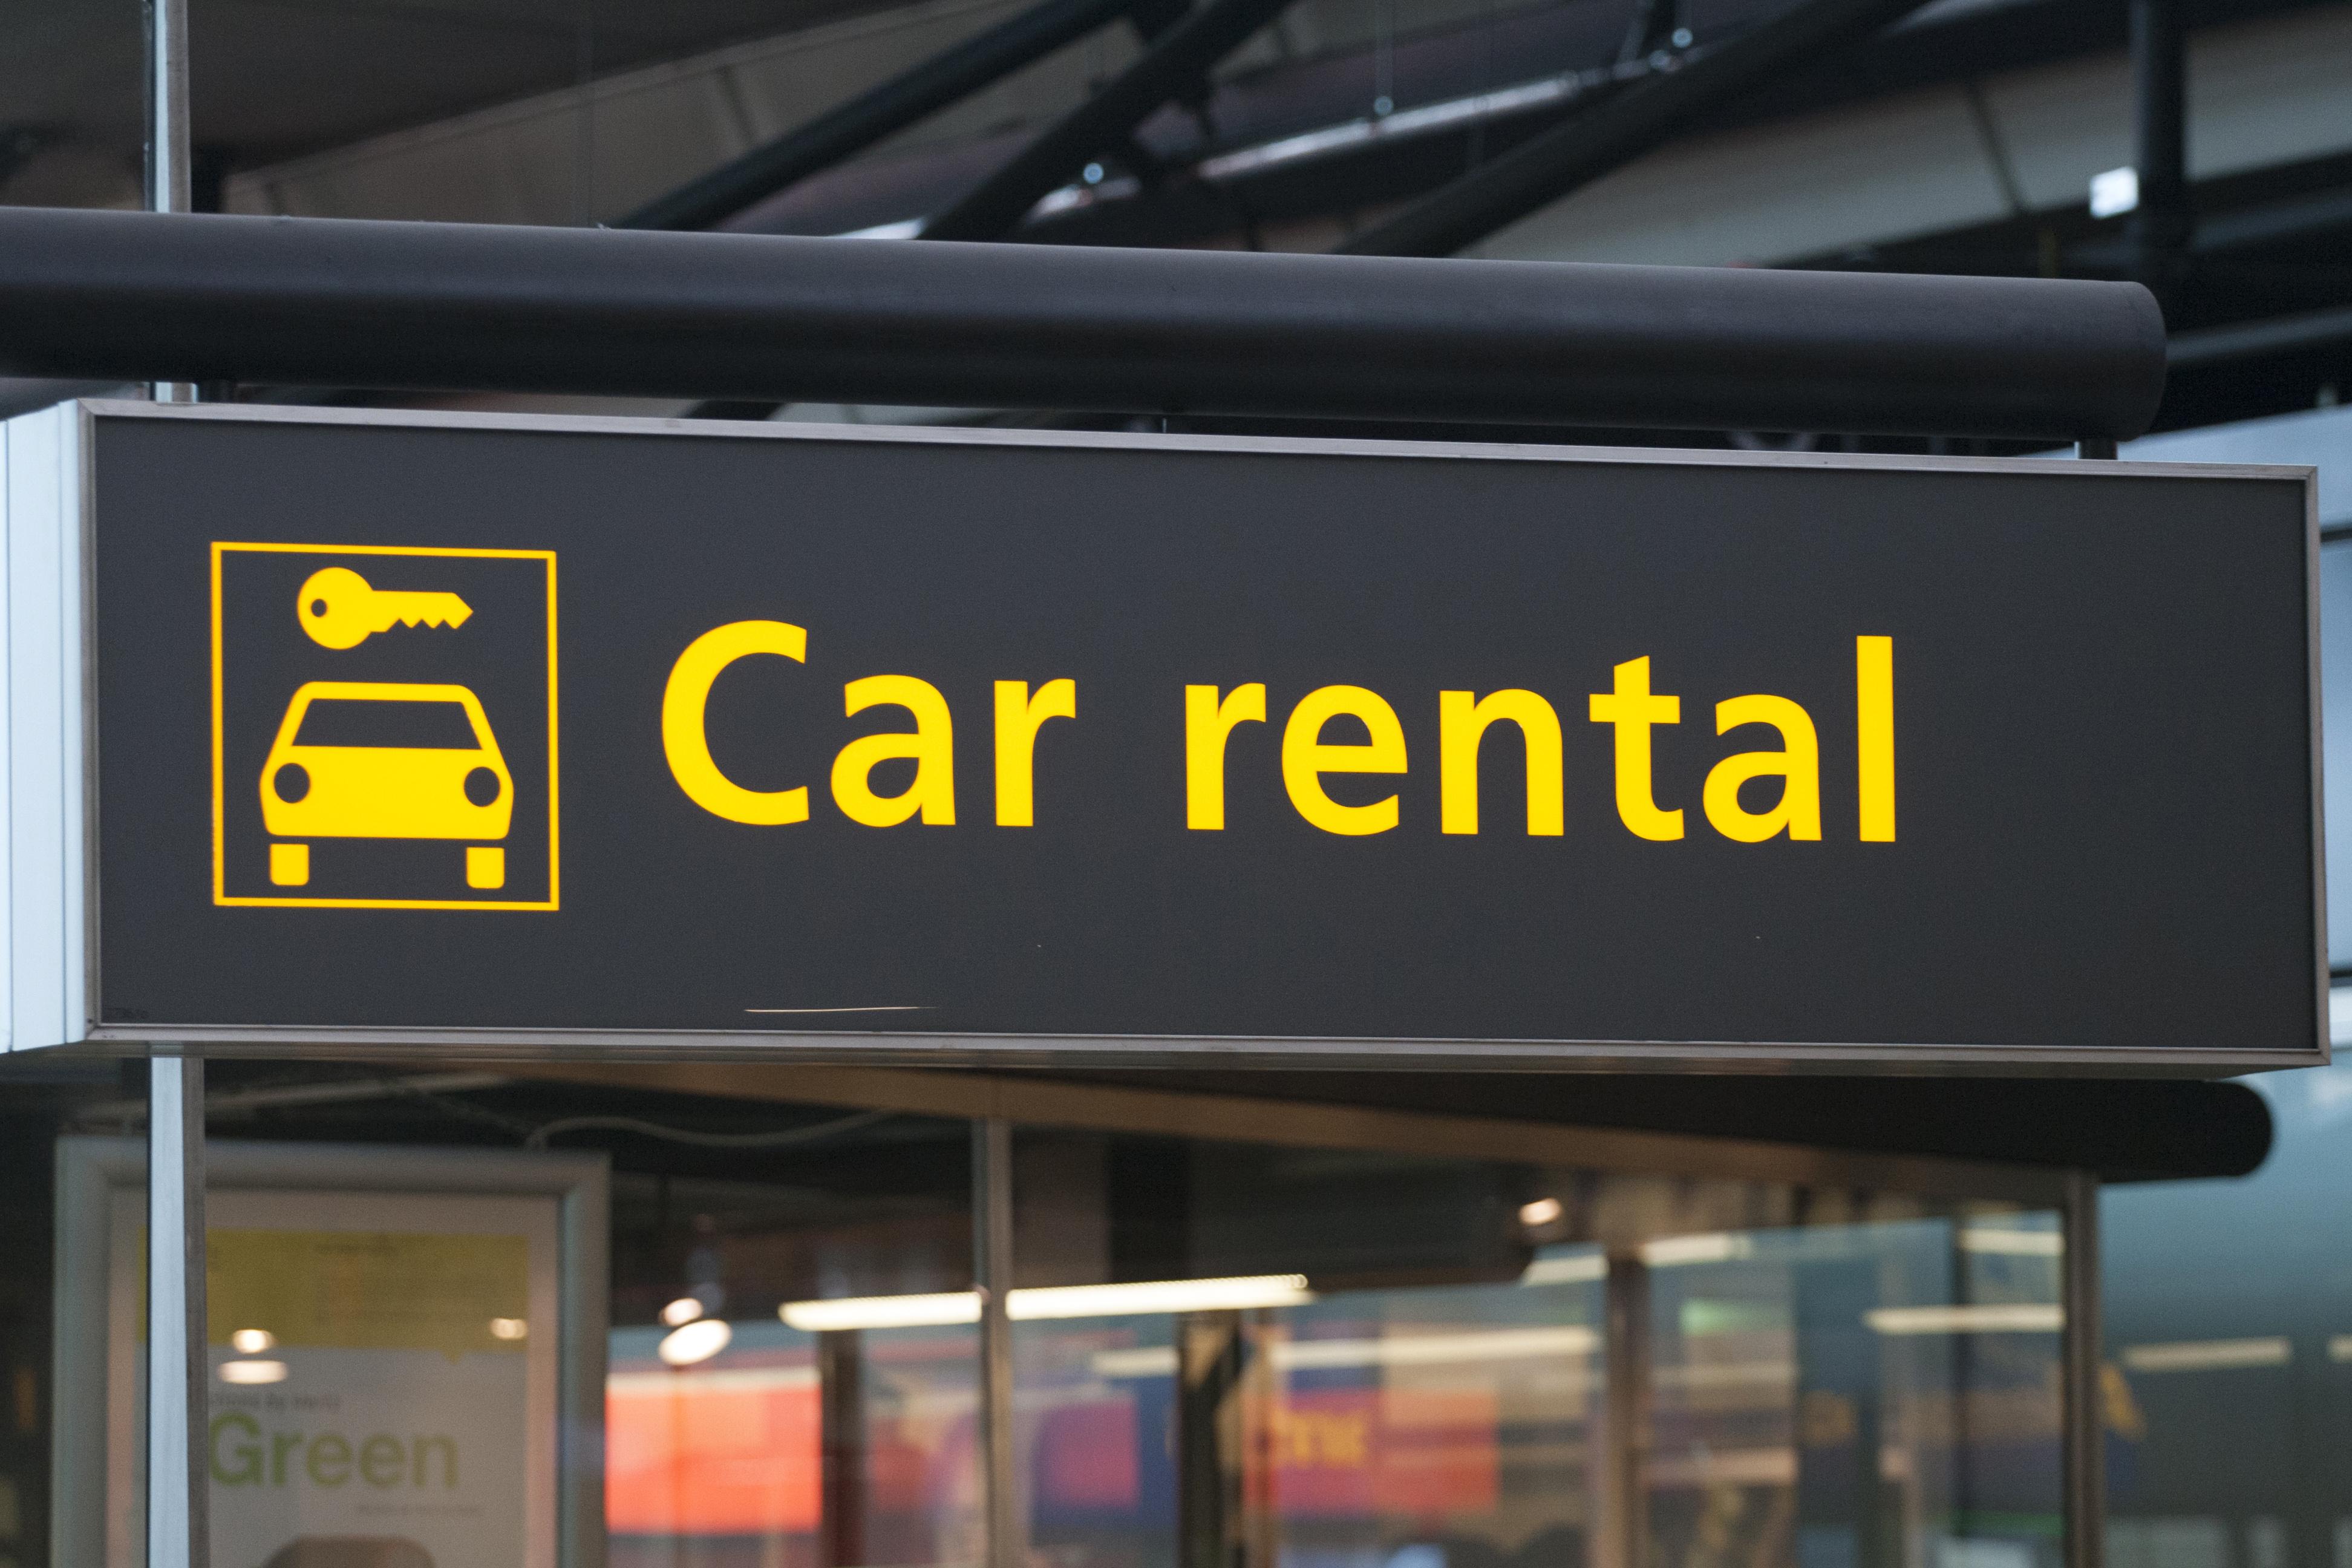 اجاره اتومبیل بدون راننده در کشورهای خارجی